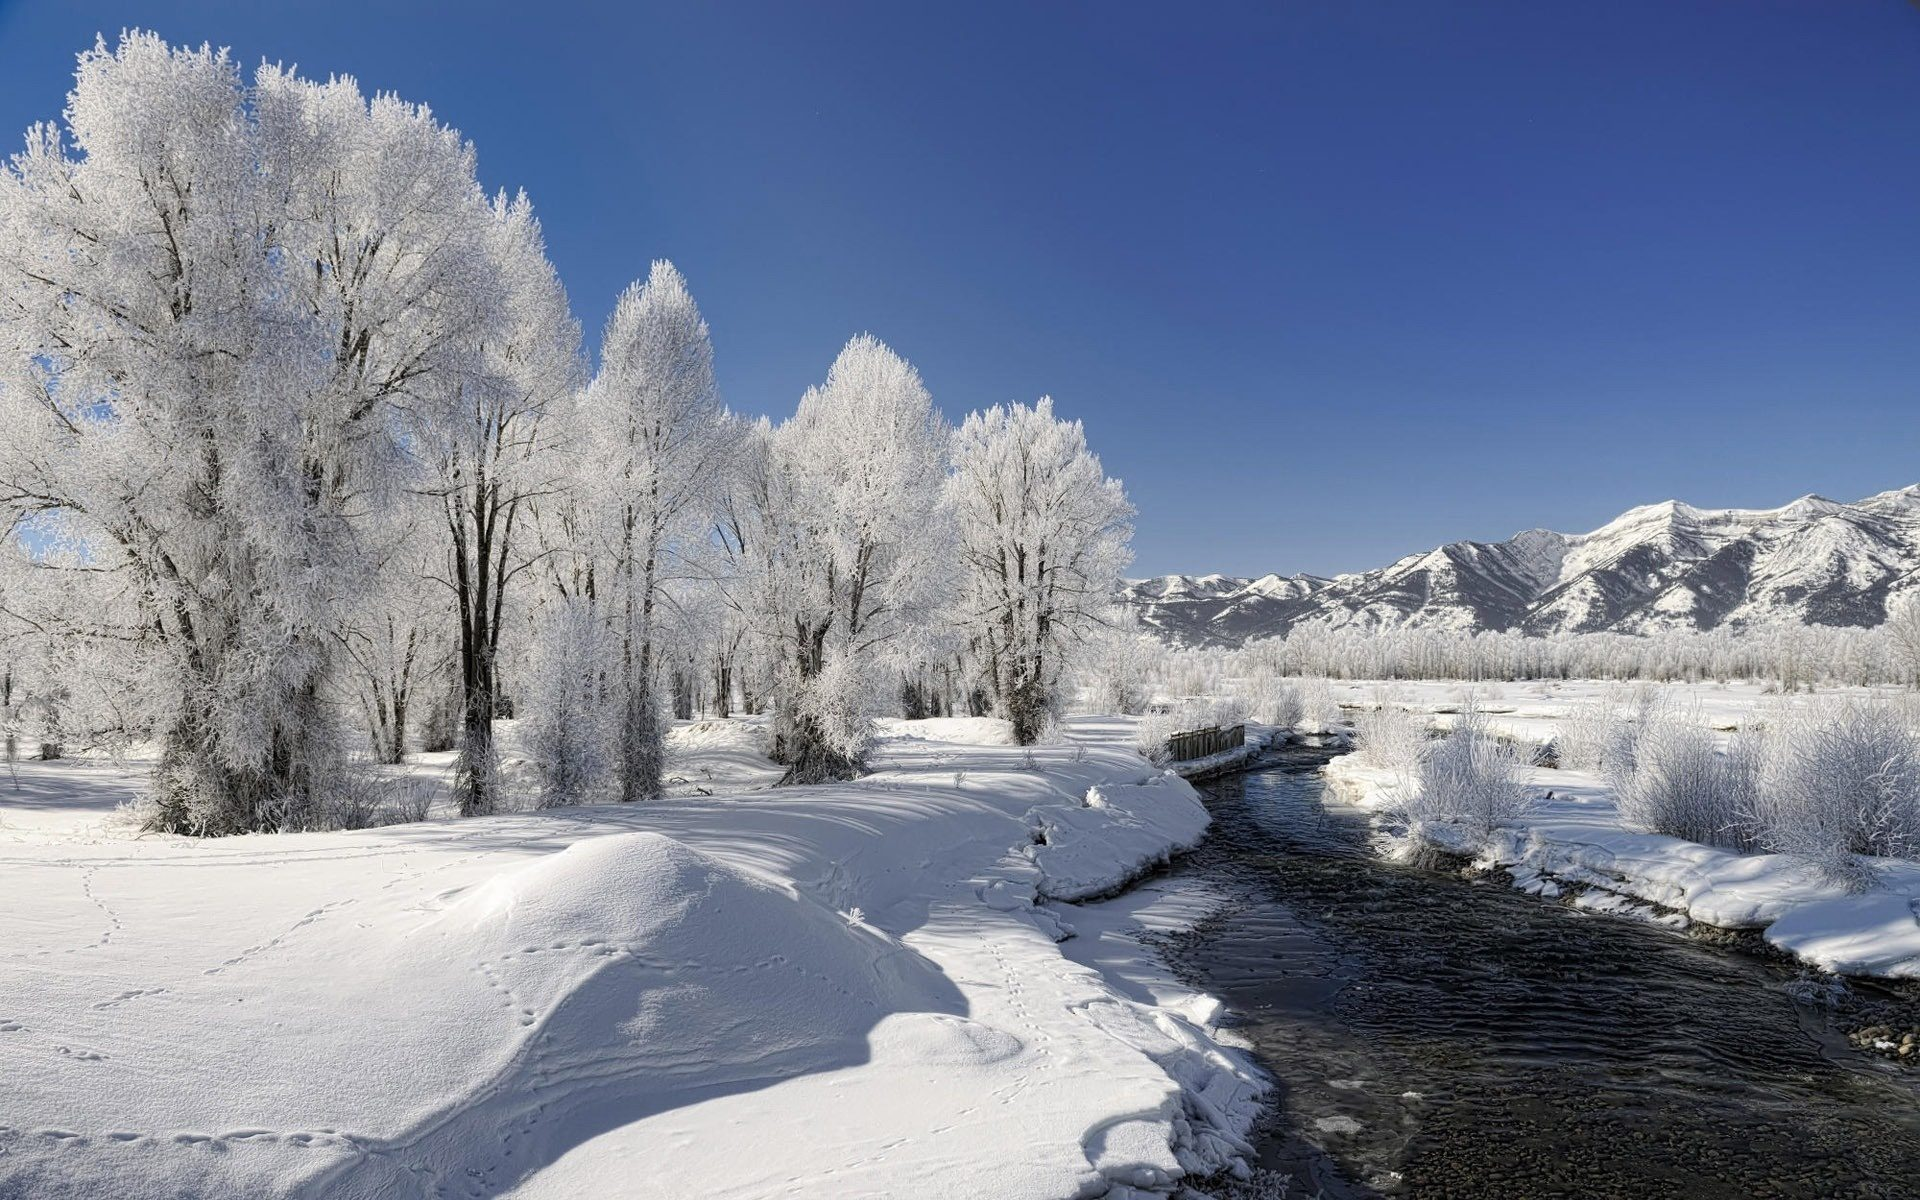 италии пасту фото зимы красивые для рабочего стола стиль шлёпанцы